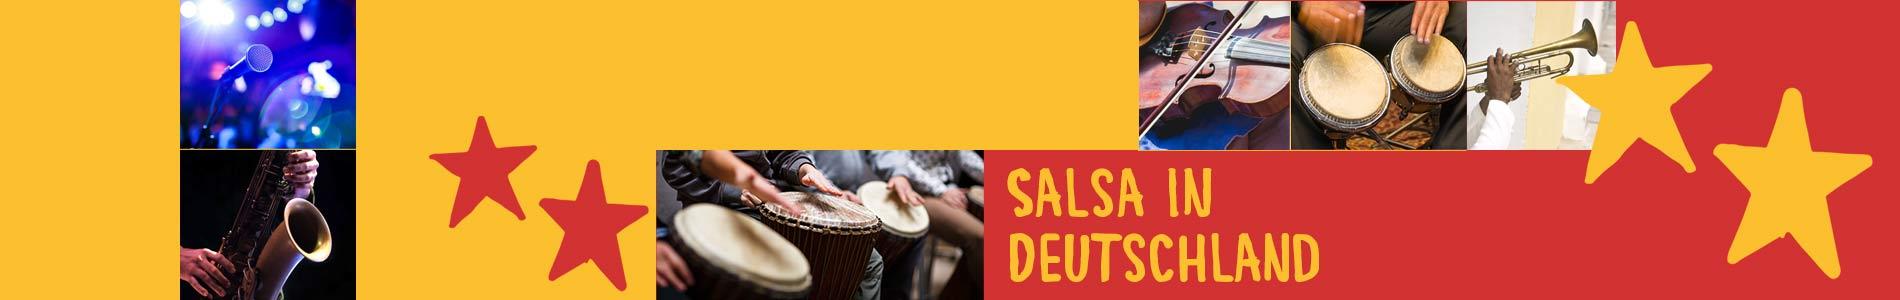 Salsa in Calvörde – Salsa lernen und tanzen, Tanzkurse, Partys, Veranstaltungen